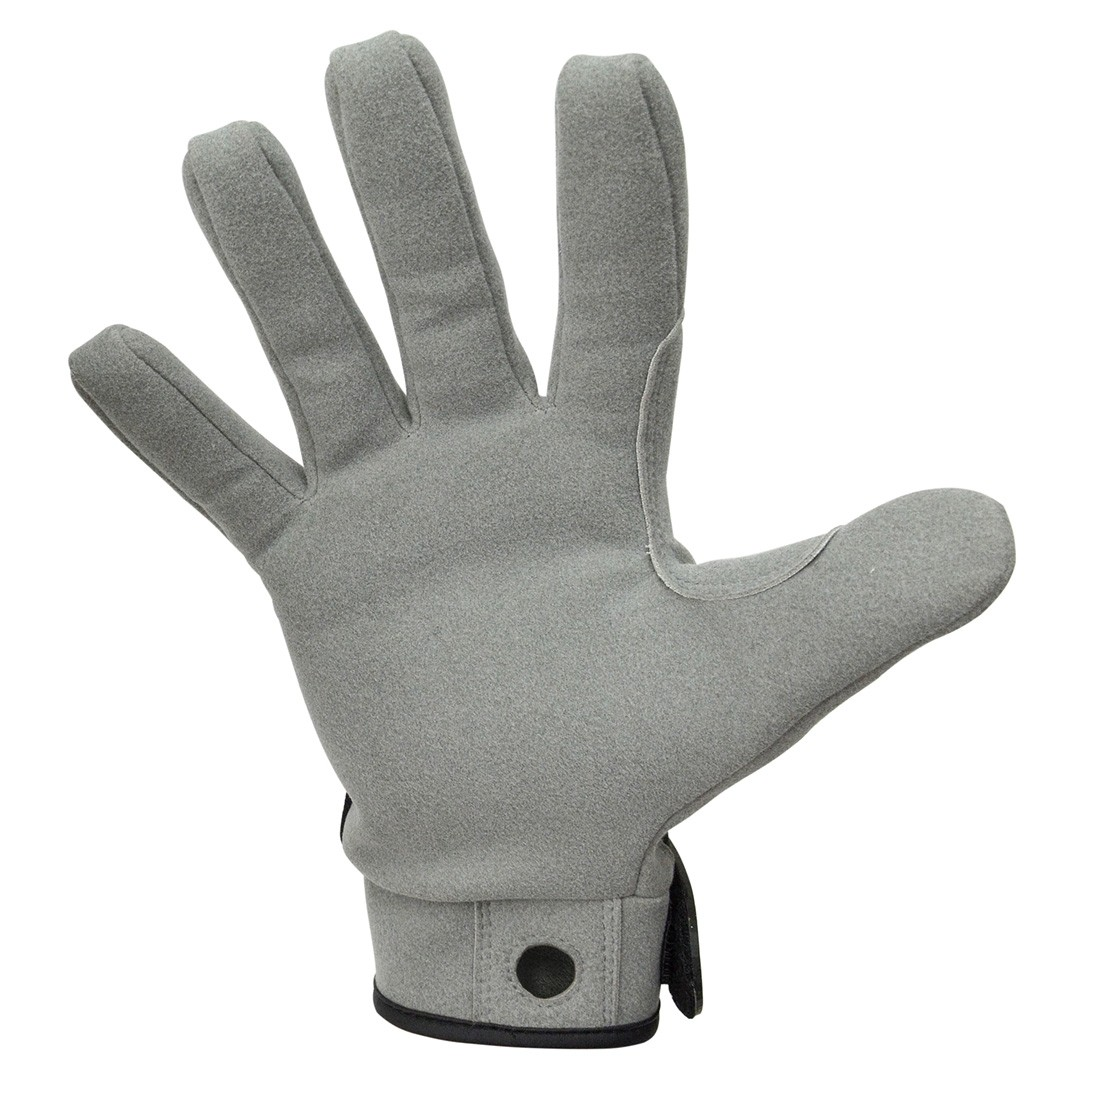 Metolius Belay Slave Glove